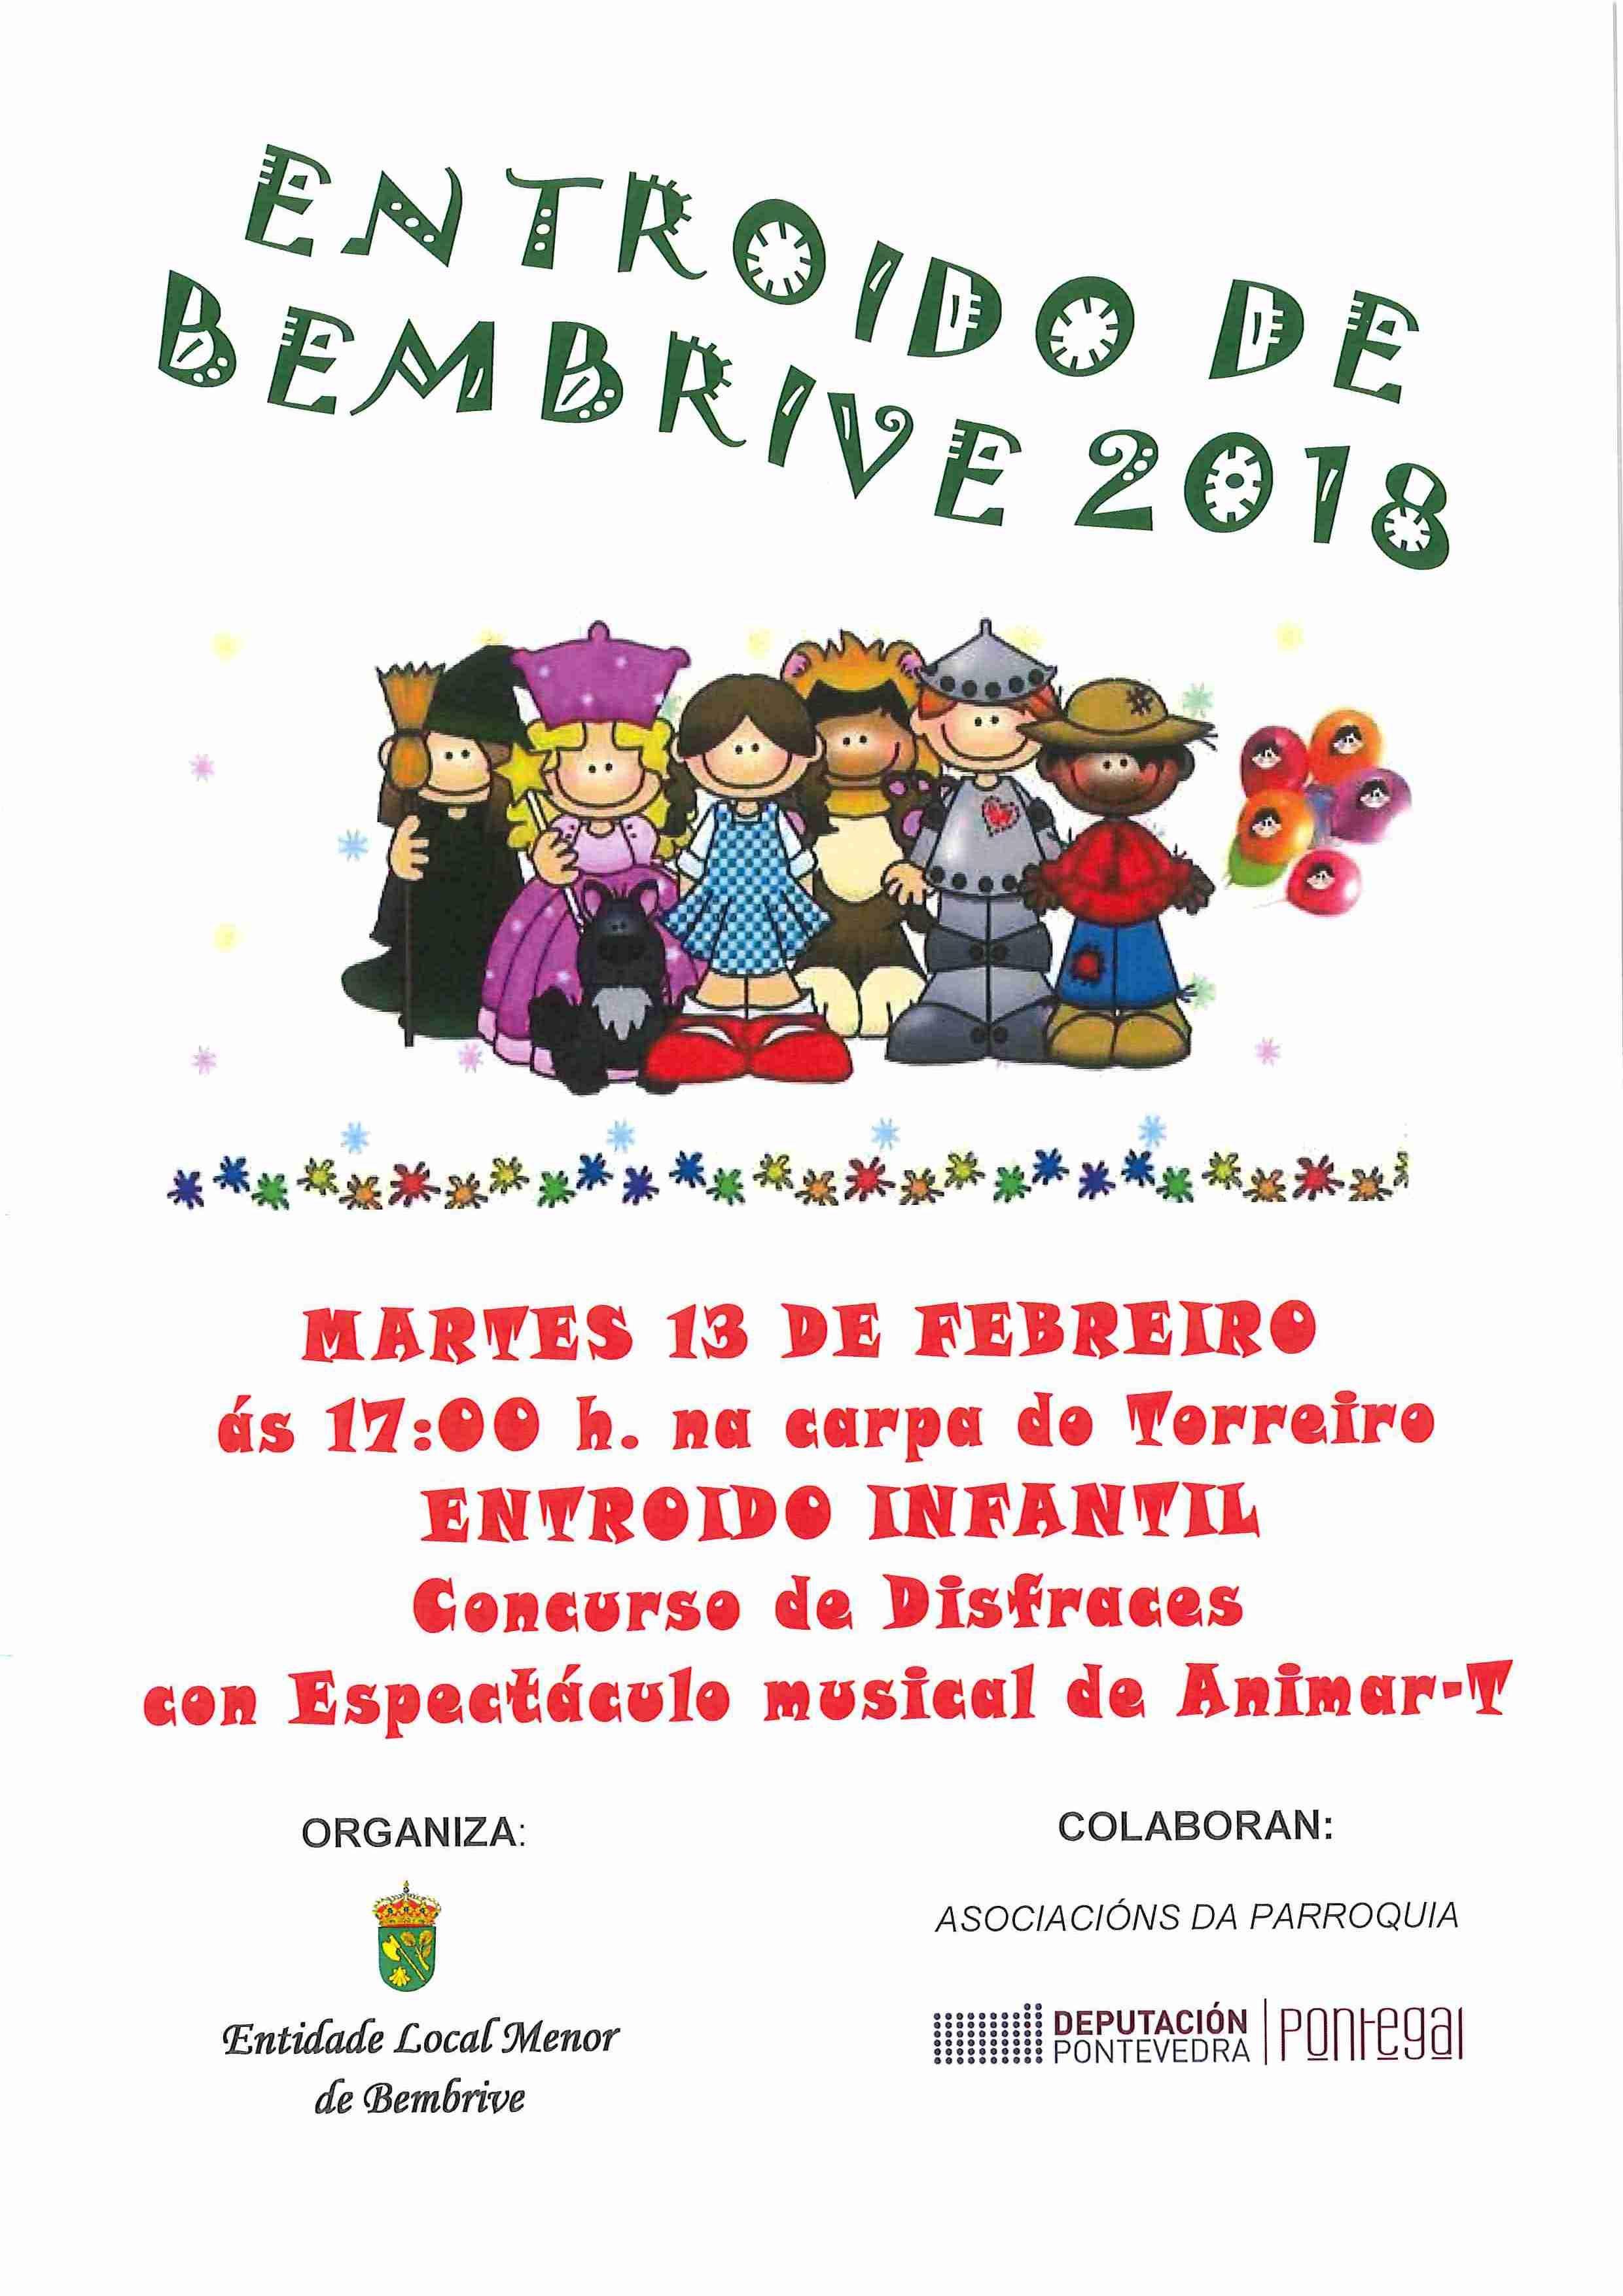 Carnaval 2018. Concurso De Disfraces Infantiles